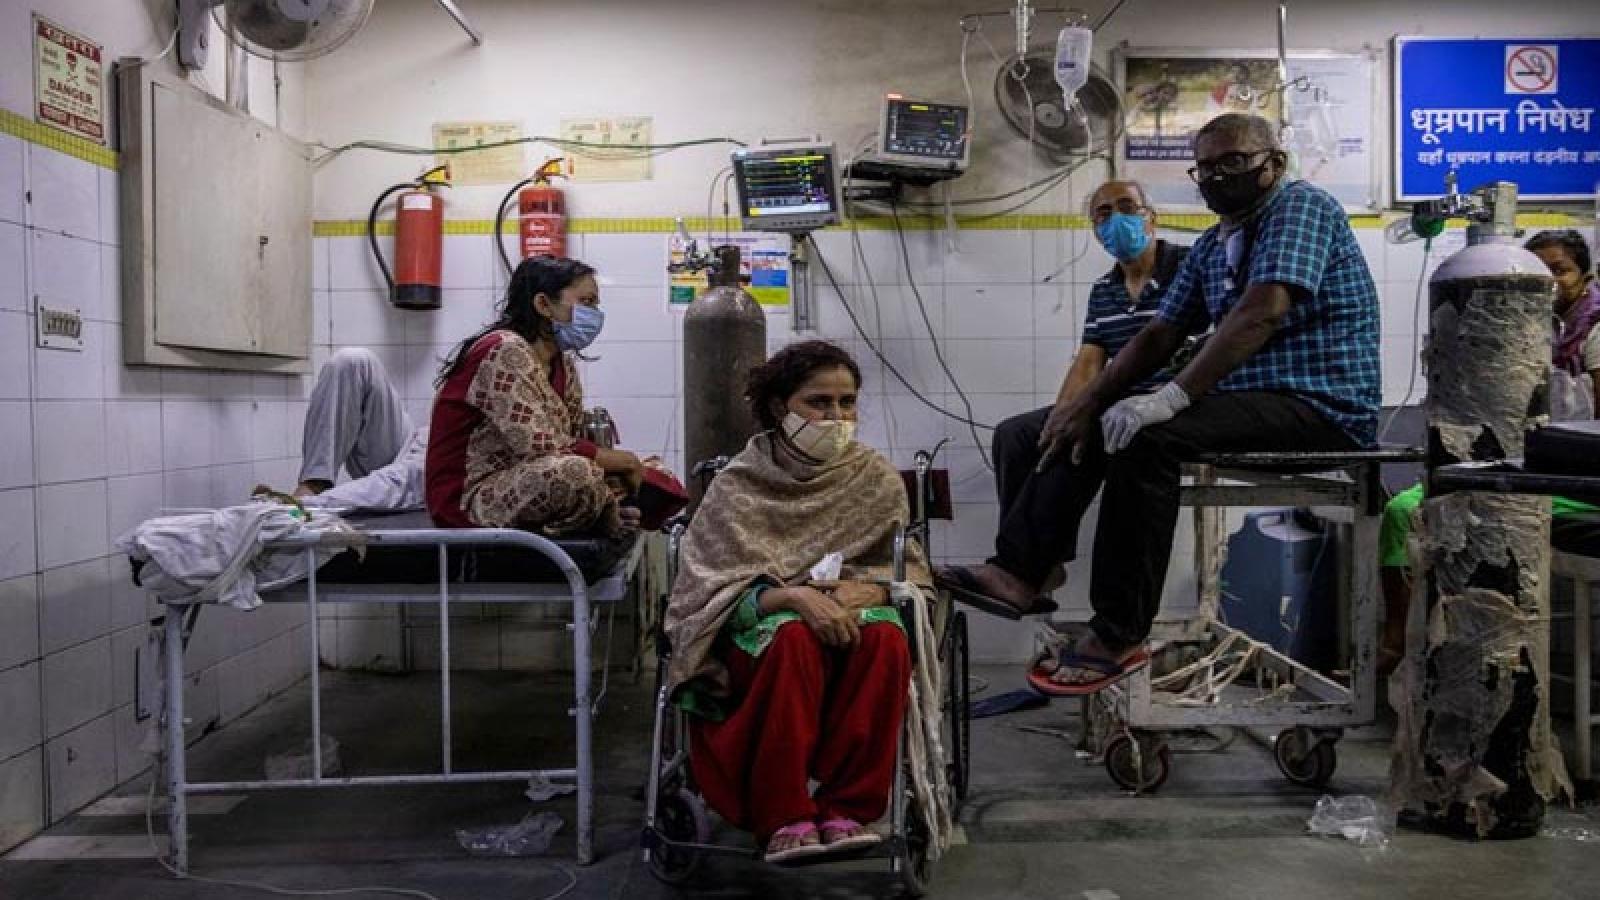 Ấn Độ gia hạn phong tỏa thủ đô New Delhi thêm 1 tuần để hạn chế Covid-19 lây lan